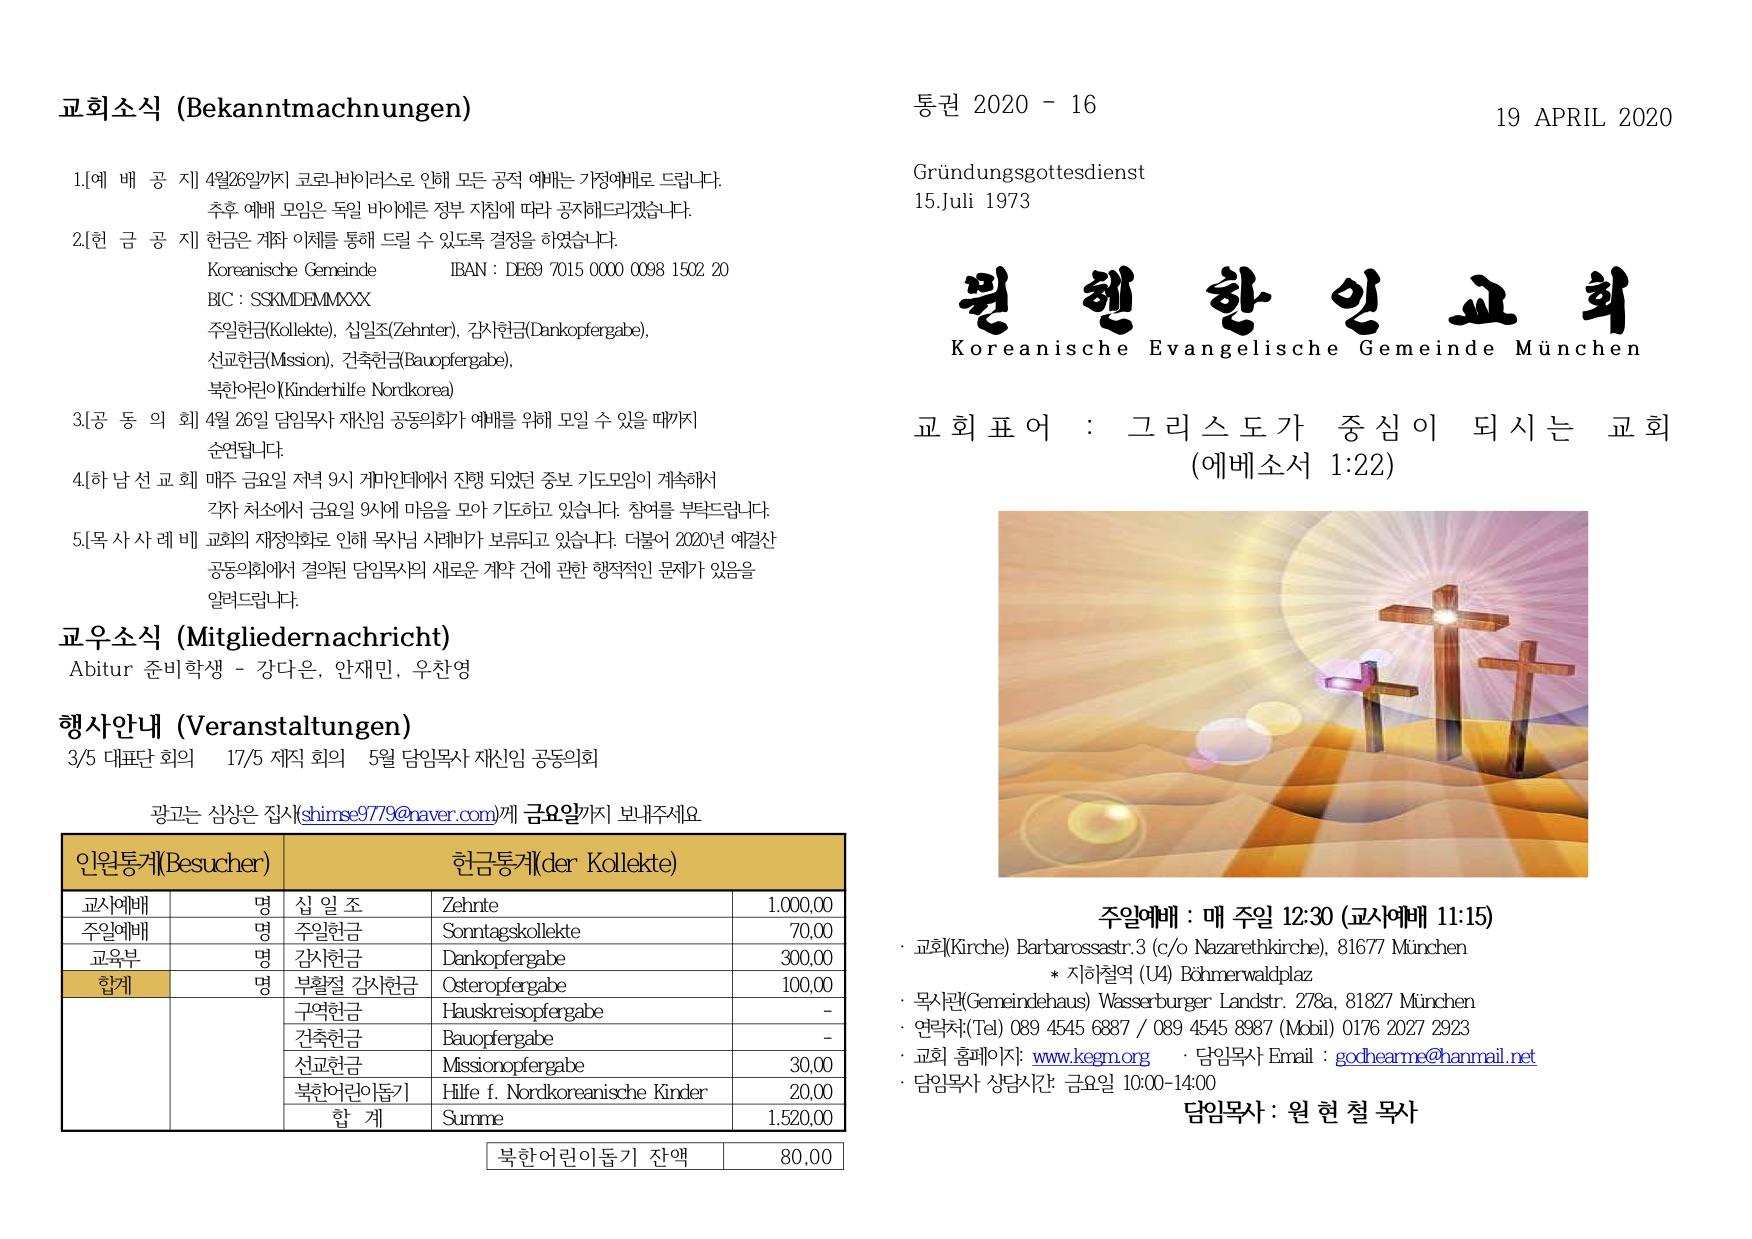 20200419_bulletin_1.jpg